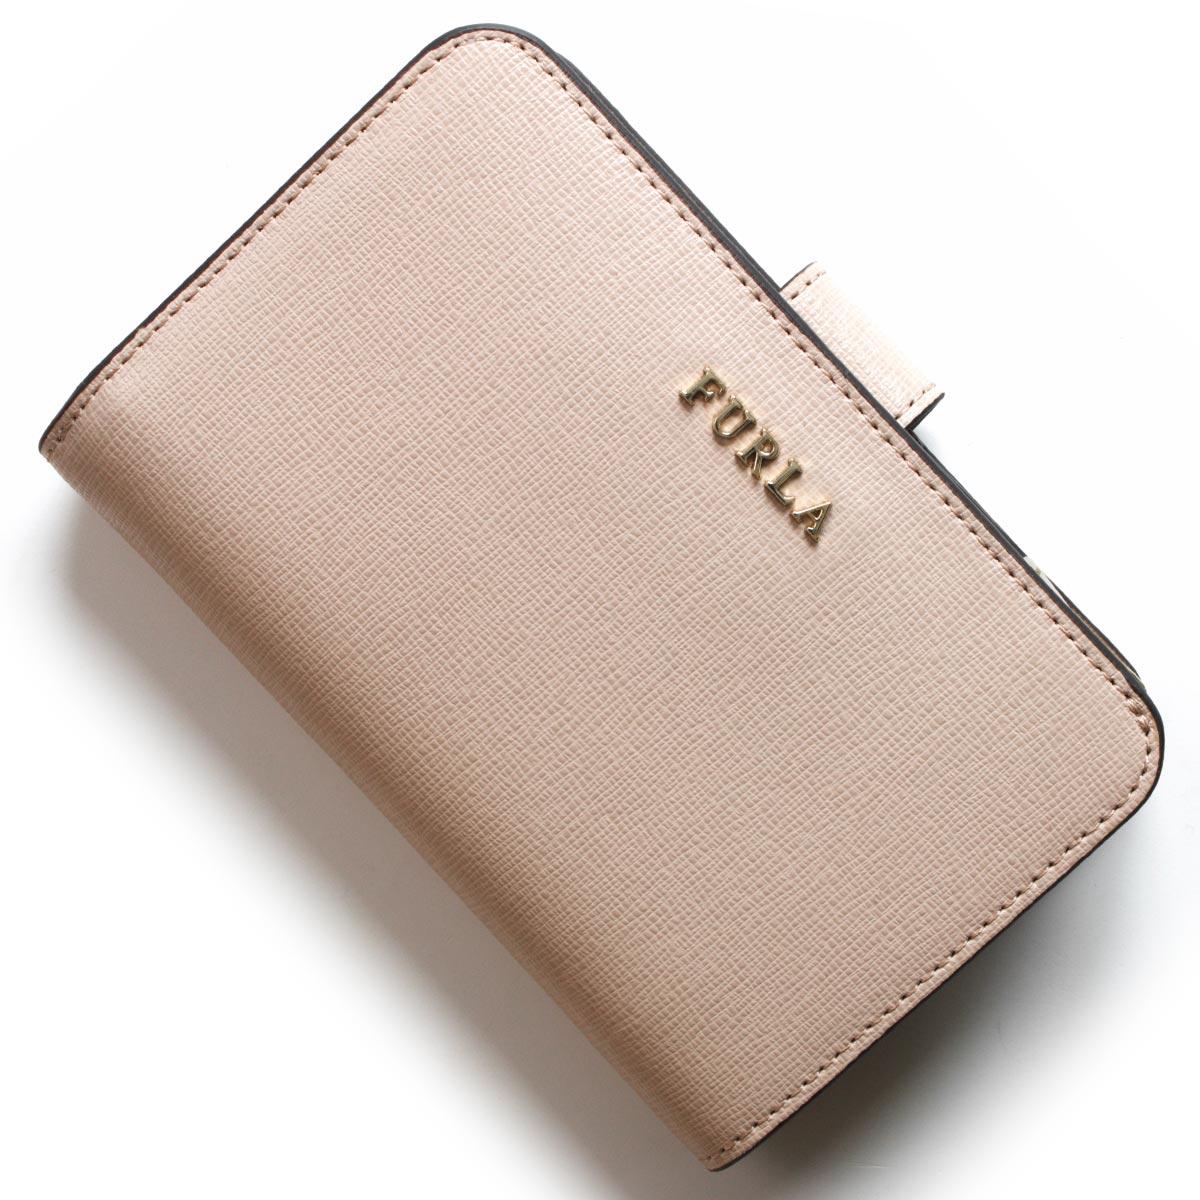 フルラ 二つ折り財布 財布 レディース バビロン ダリアピンクベージュ PR85 B30 TUK 992612 FURLA